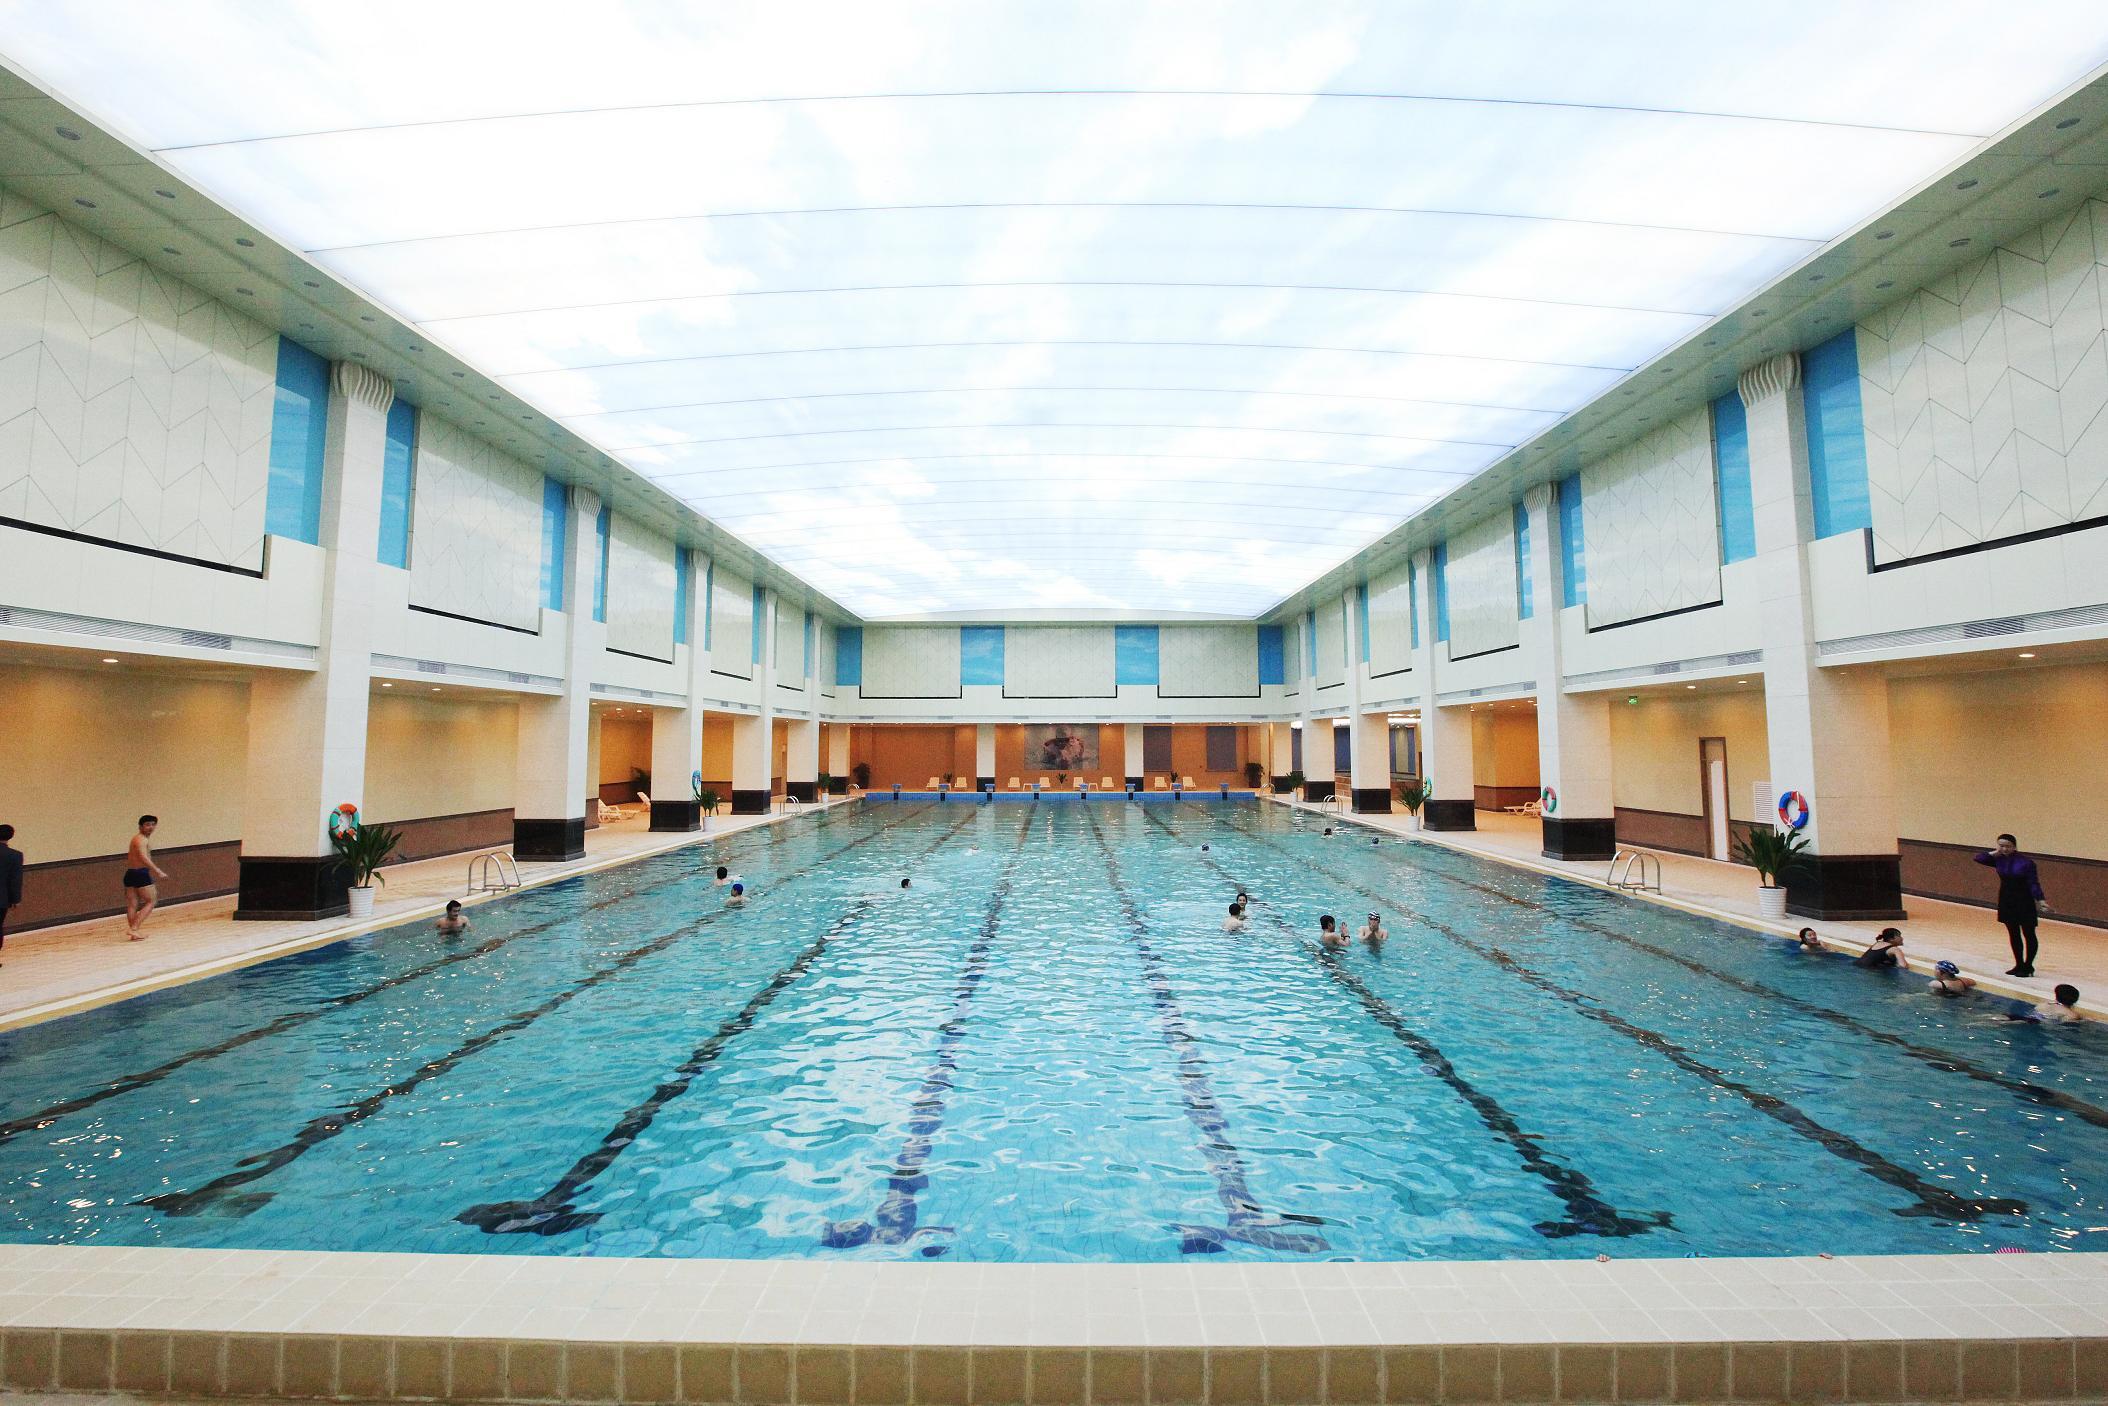 室內恒溫泳池